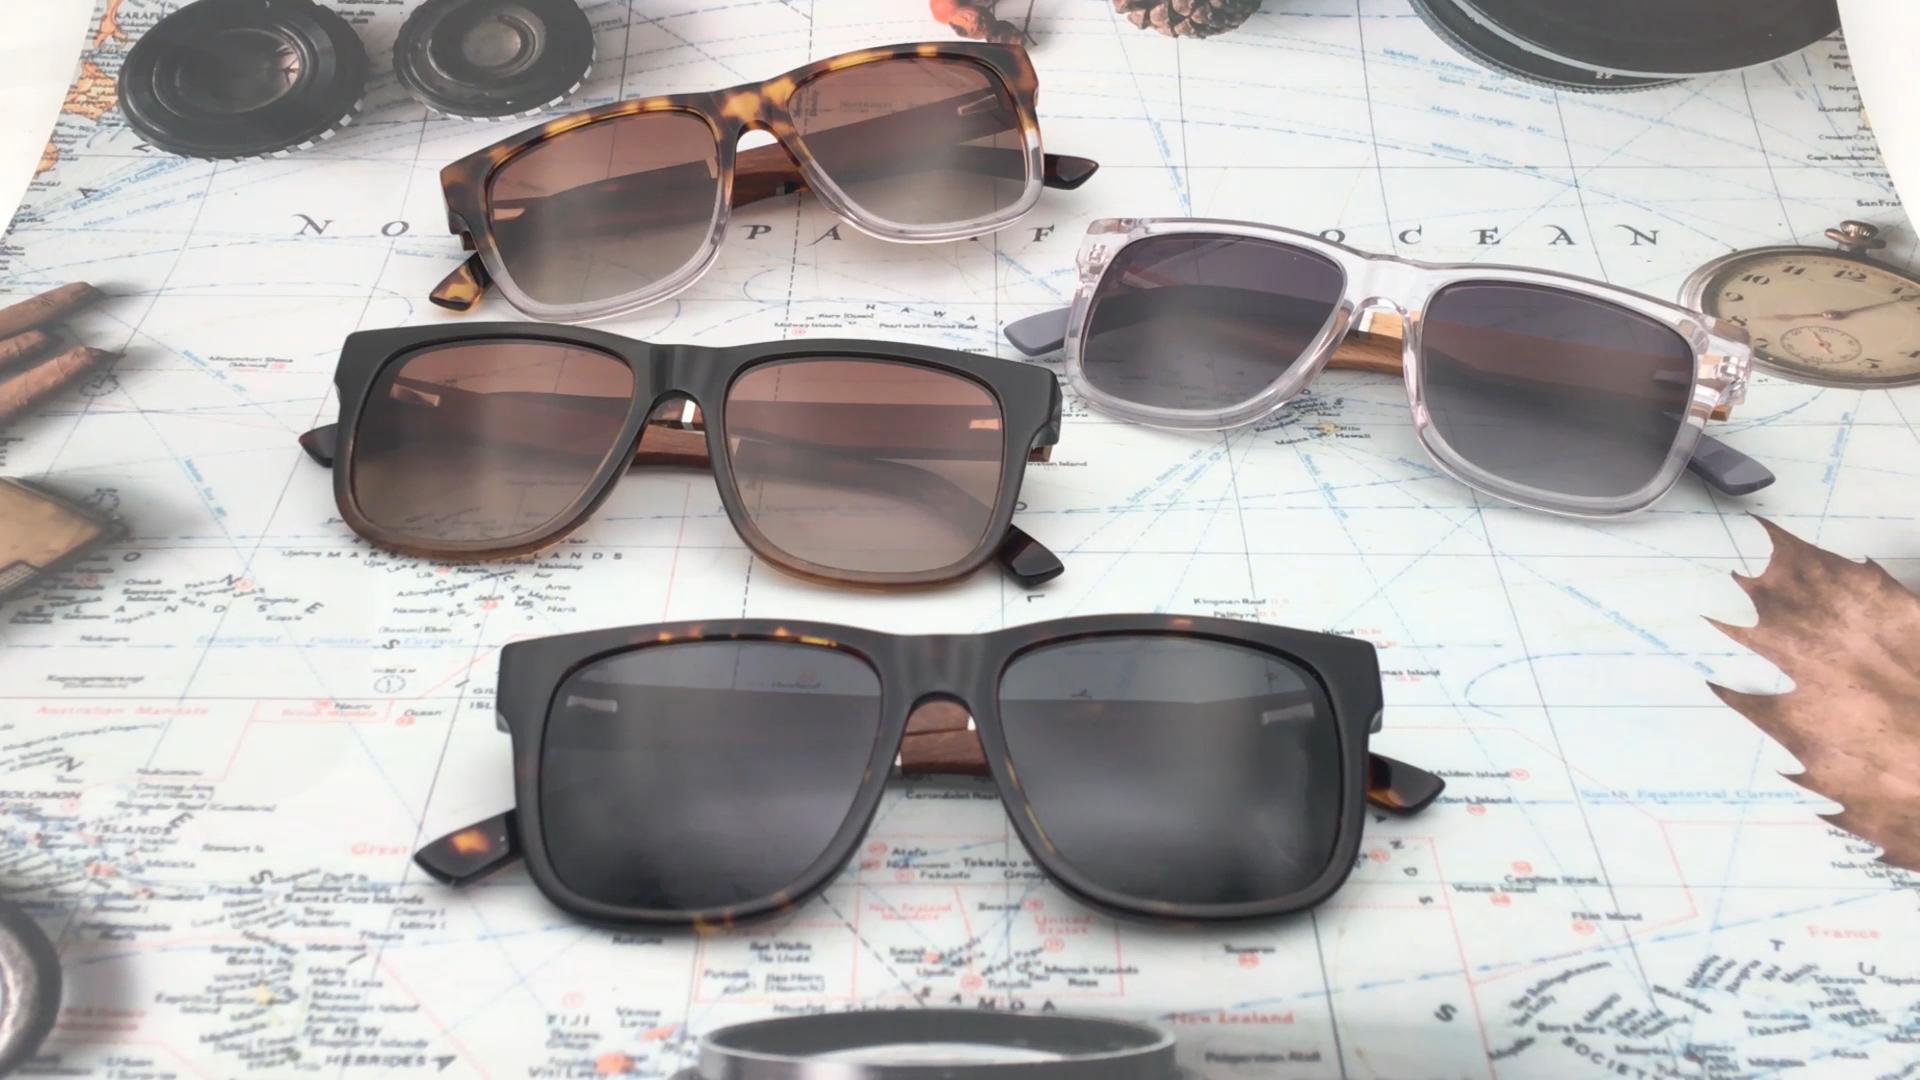 luxury uv400 unisex wooden acetate sunglasses in stock